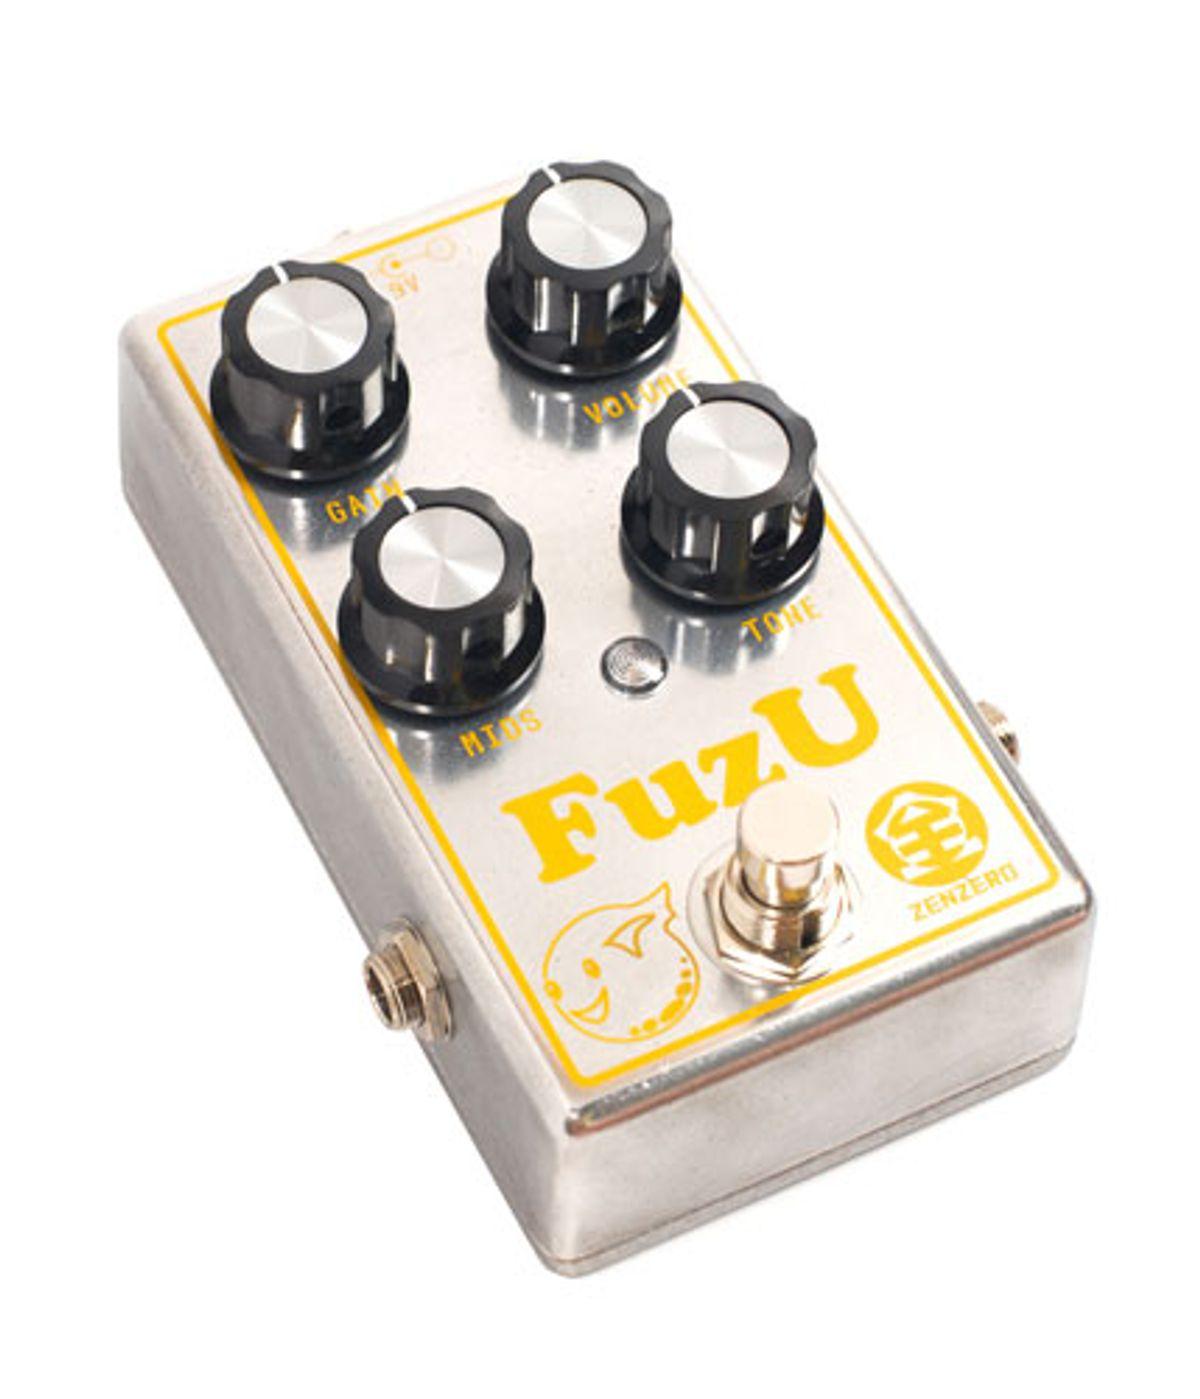 ZenZero Electronics Introduces the FuzU